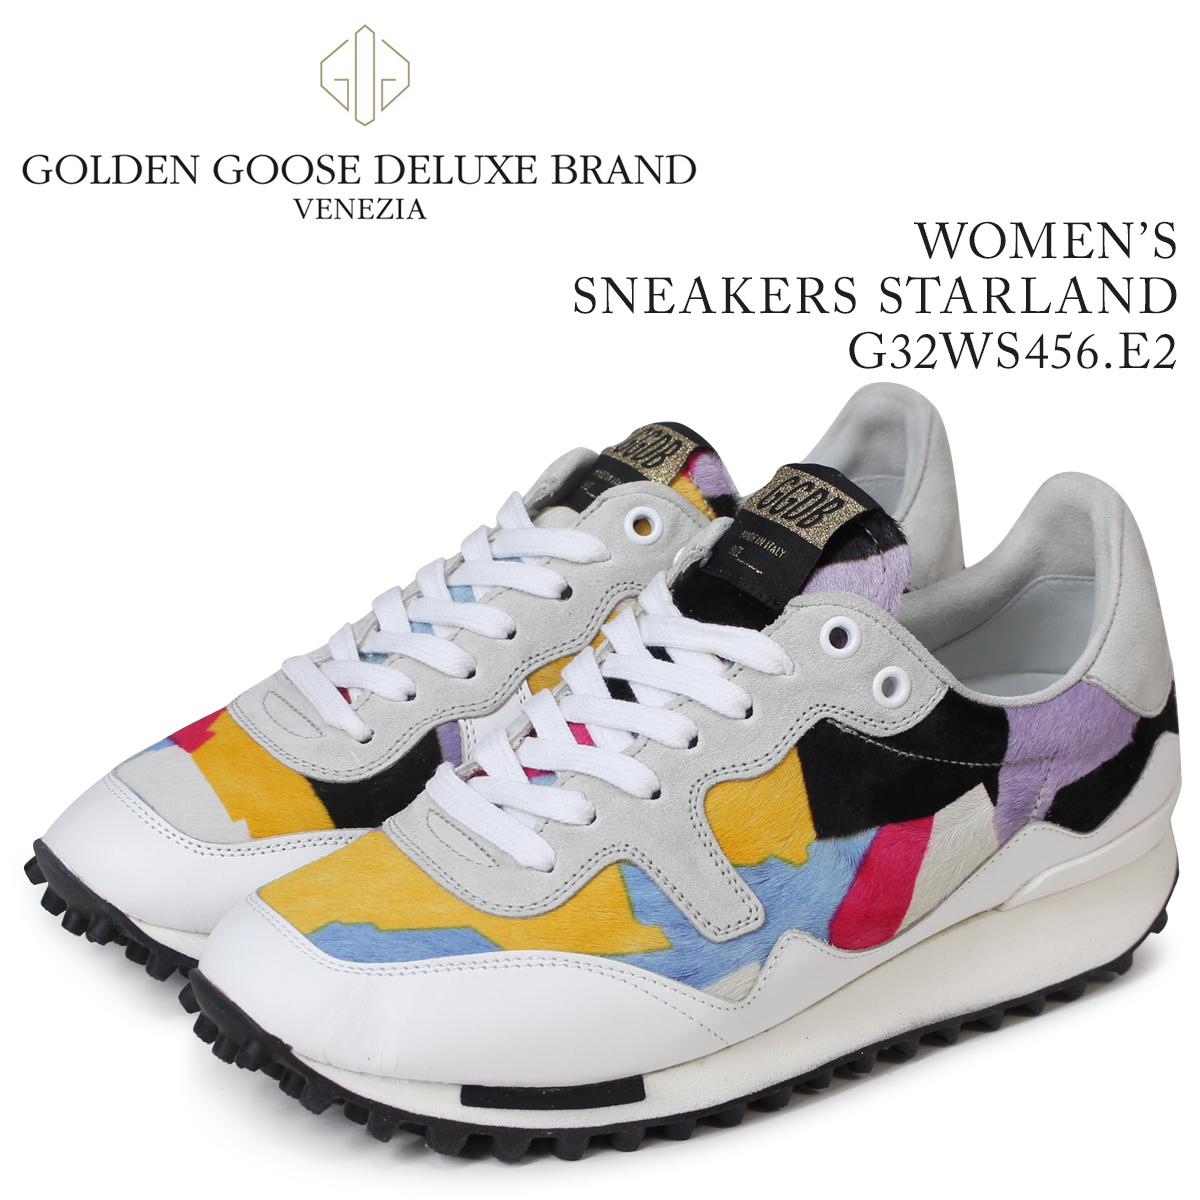 Golden Goose ゴールデングース スニーカー レディース スニーカーズ スターランド SNEAKERS STARLAND ホワイト G32WS456 E2